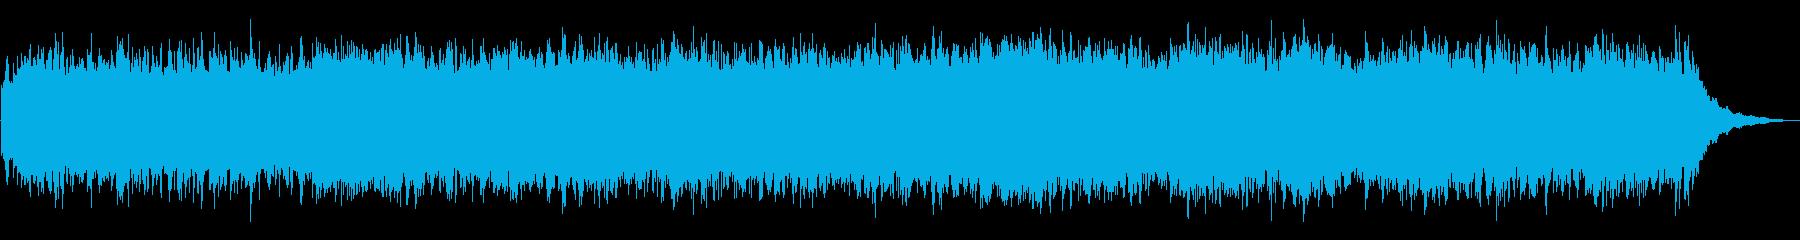 スピリチュアル、宇宙人の再生済みの波形